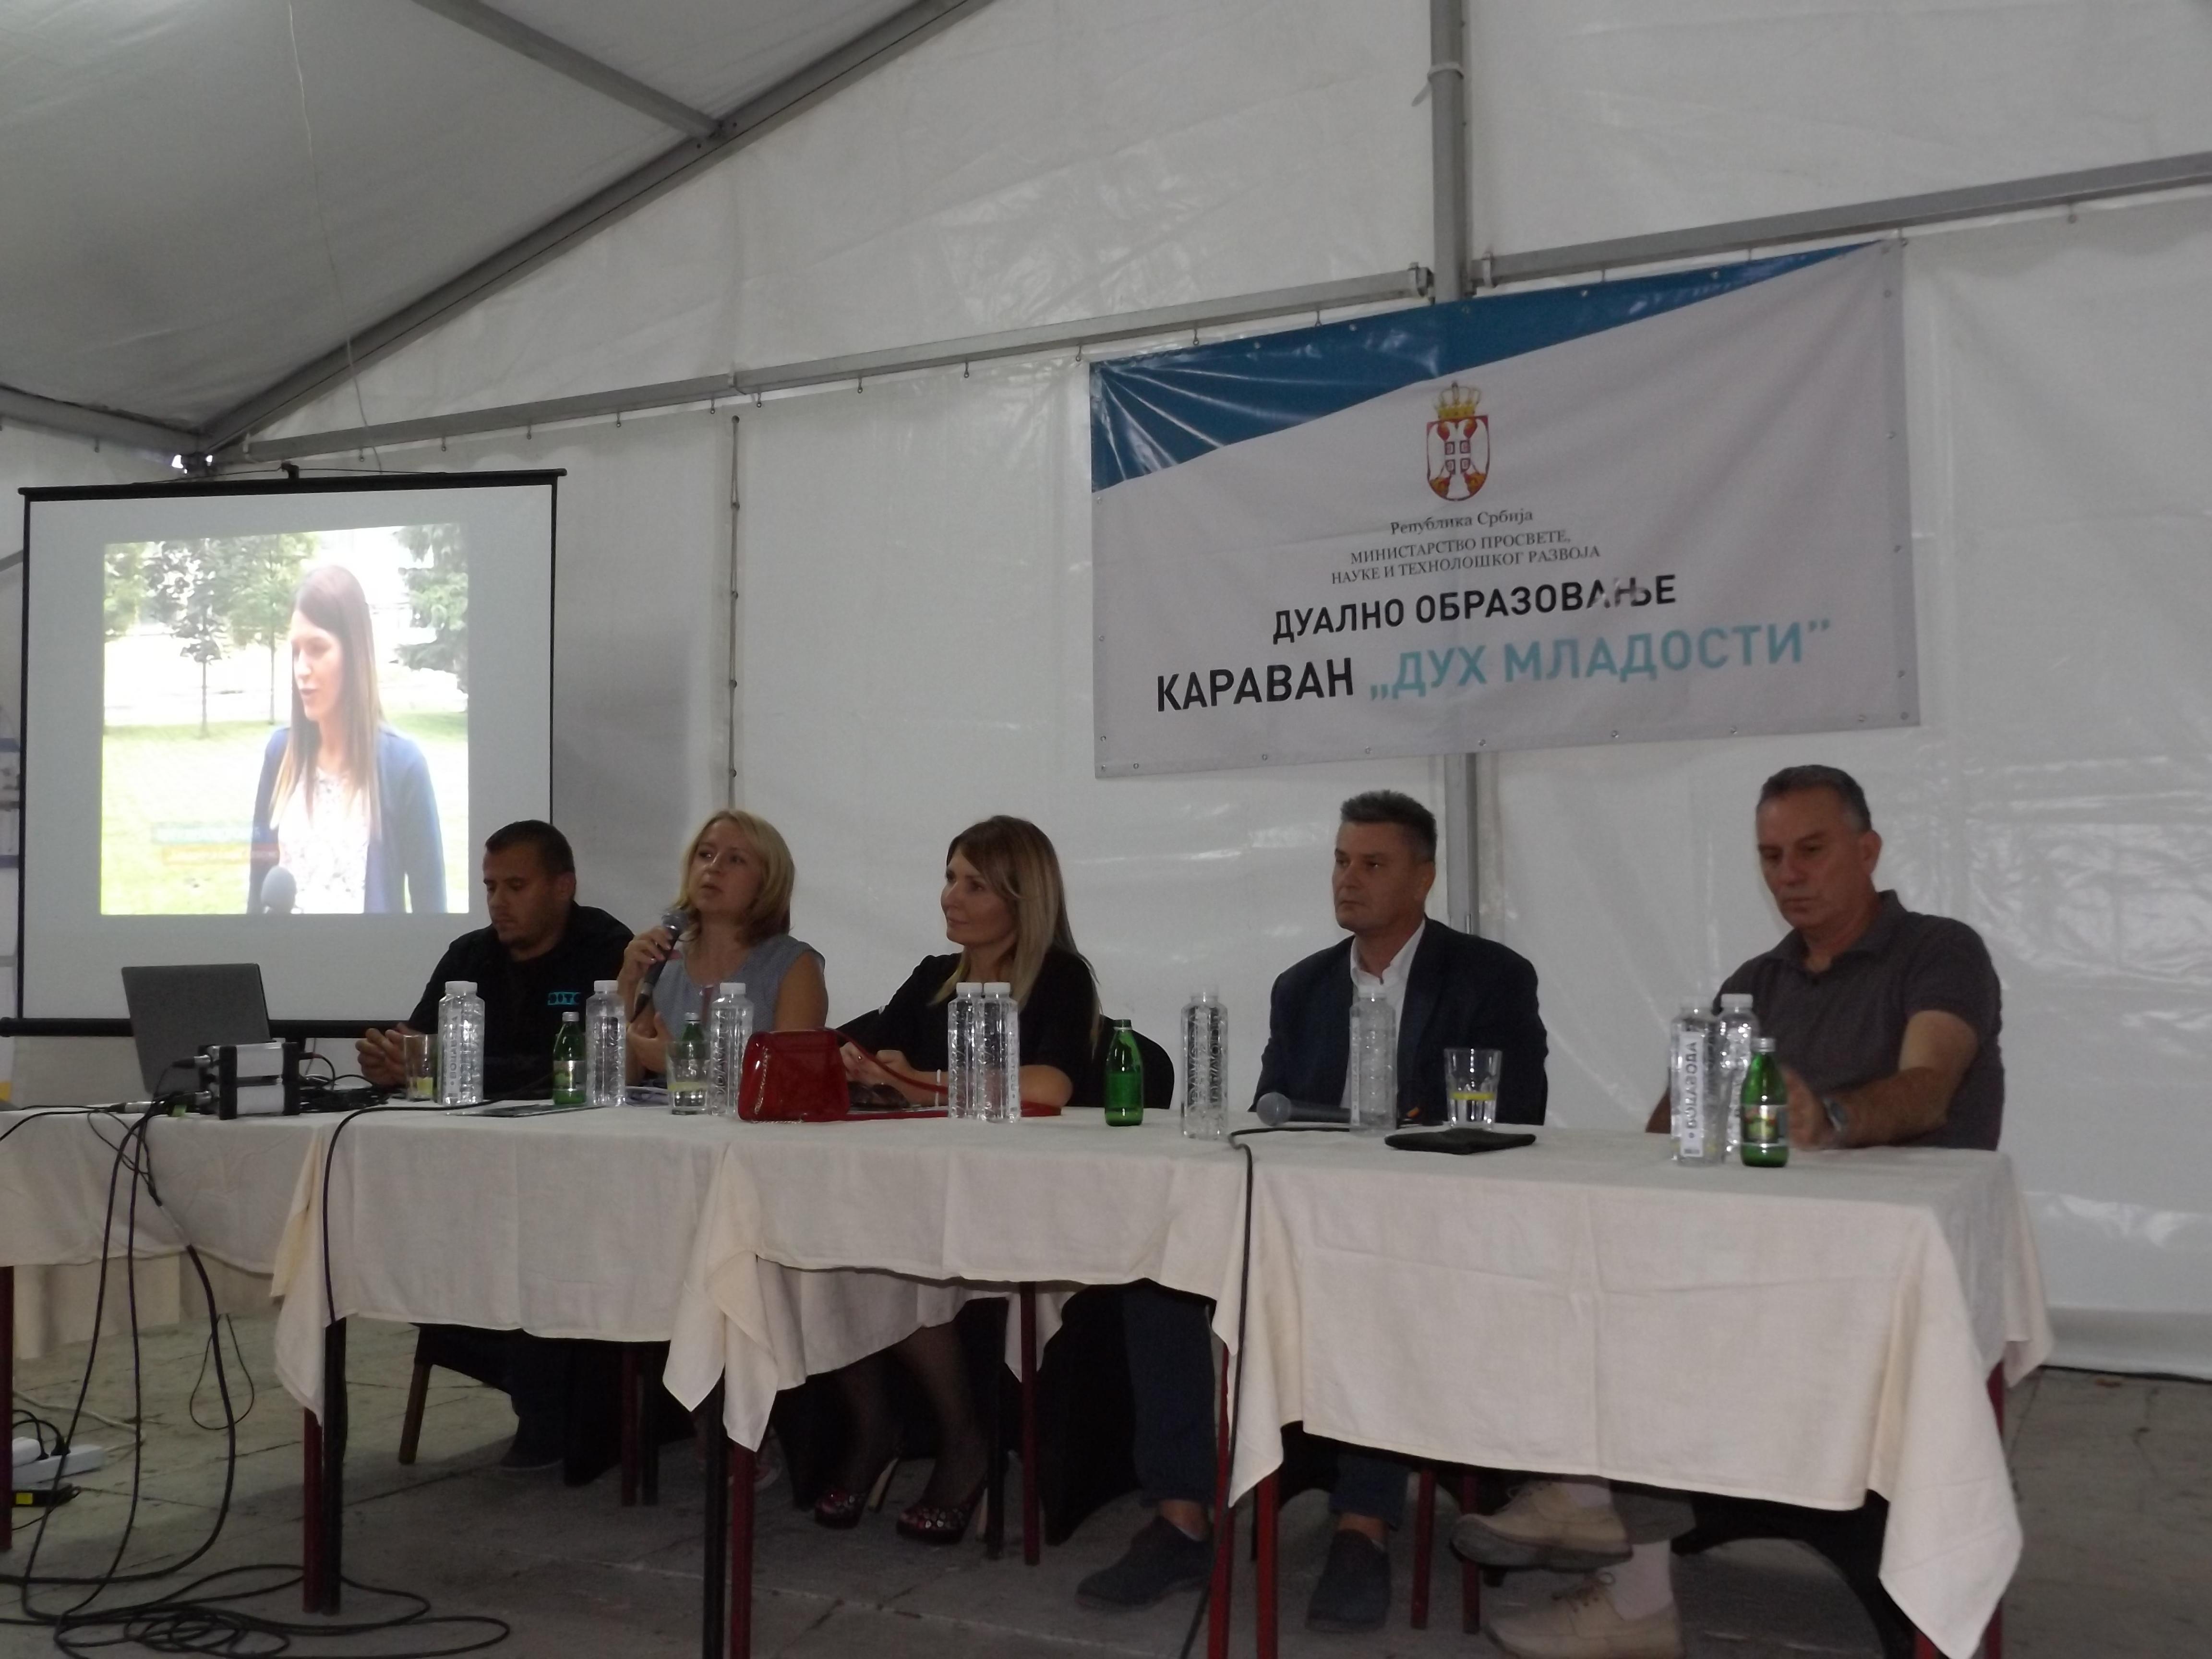 """U okviru Karavana """"Duh mladosti"""" u Užicu je održana i panel diskusija"""